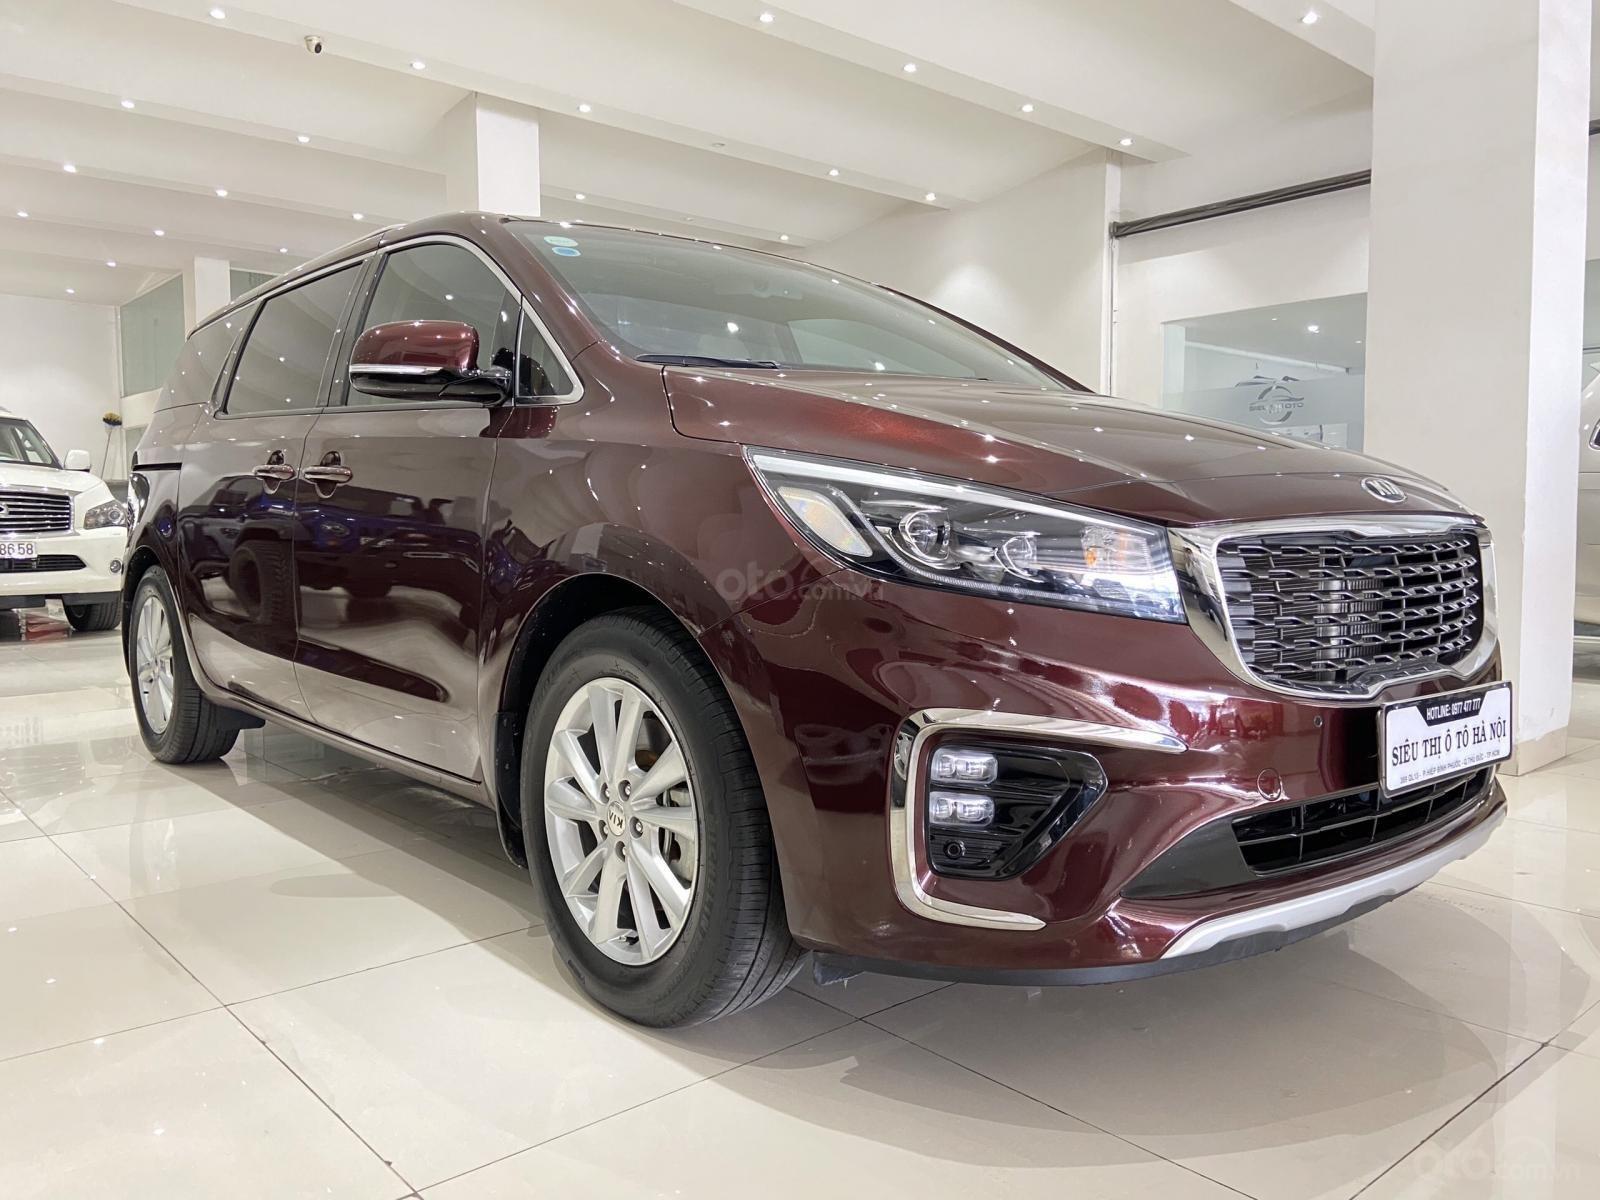 Bán xe Kia Sedona năm 2019, xe màu đỏ, mới đi 19.000km, xe đẹp như mới (3)